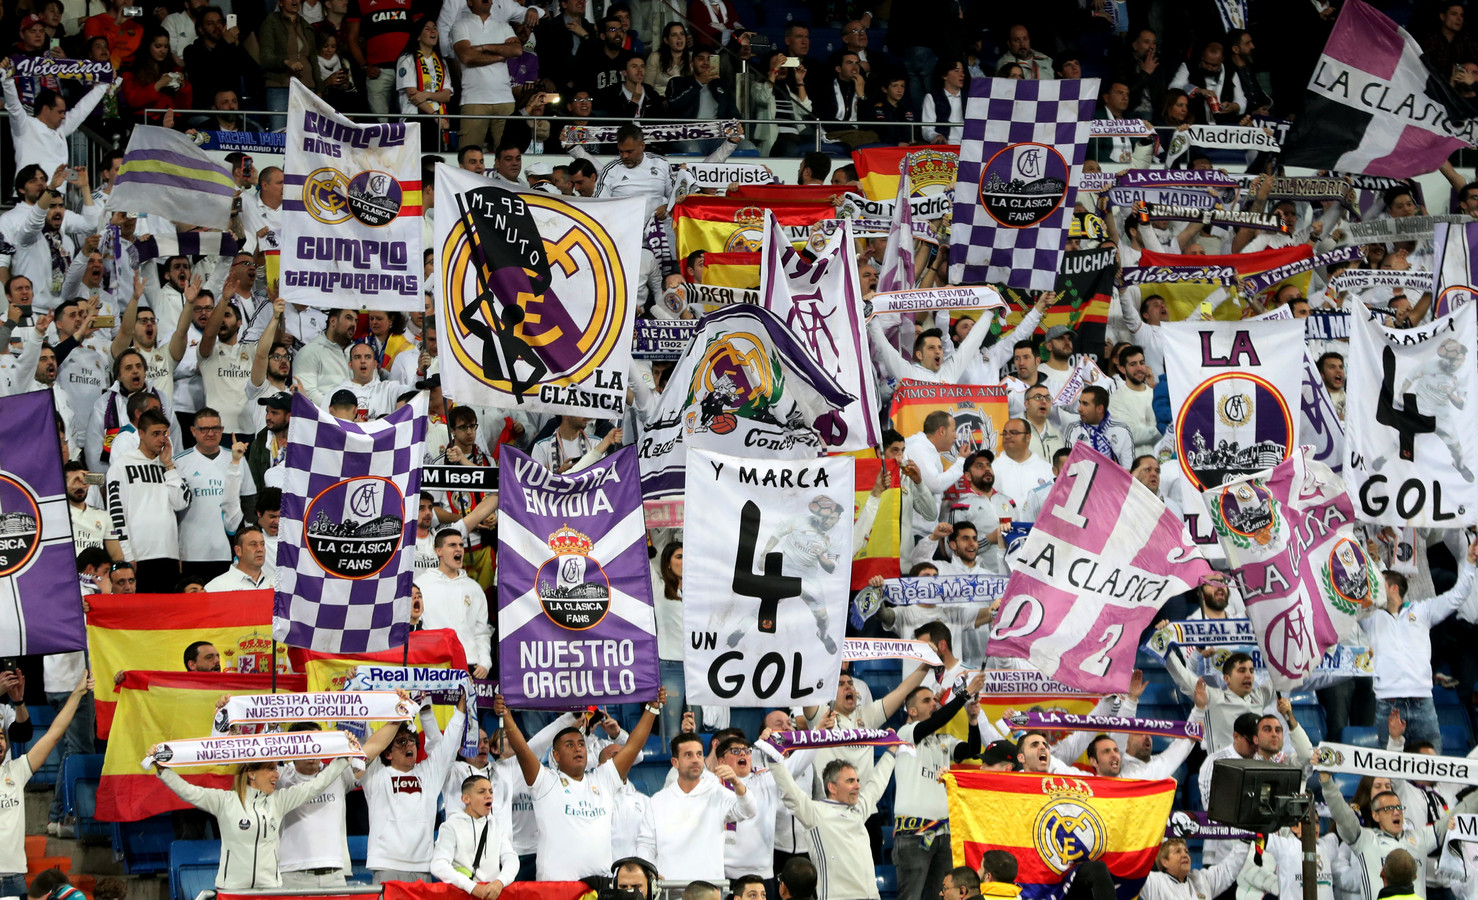 Fans van Real Madrid tijdens de wedstrijd tegen FC Barcelona eerder dit jaar.